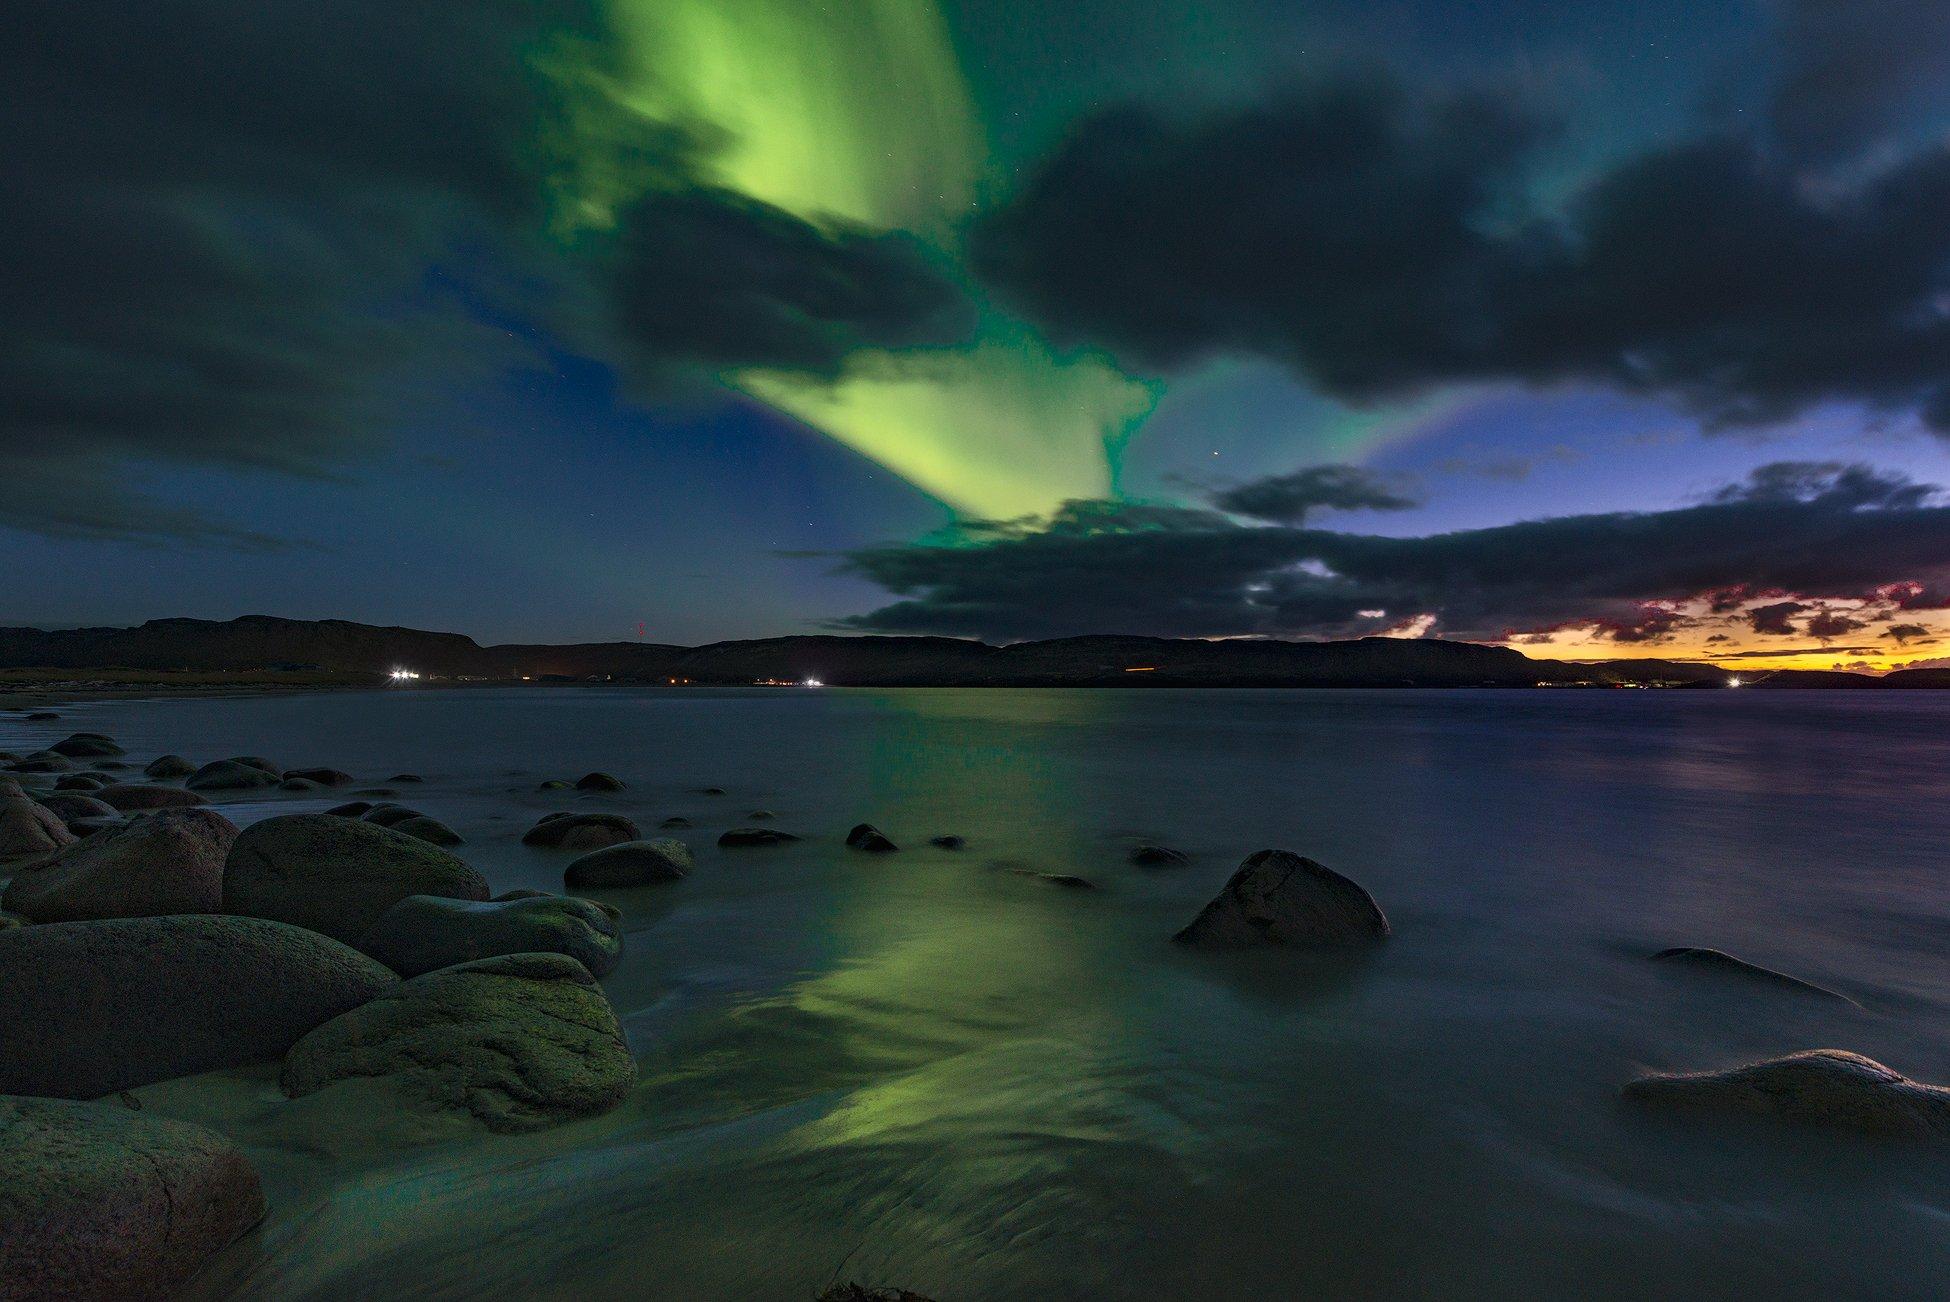 Nothern lights, Aurora  Borealis, северное сияние, закат, Васильев Алексей